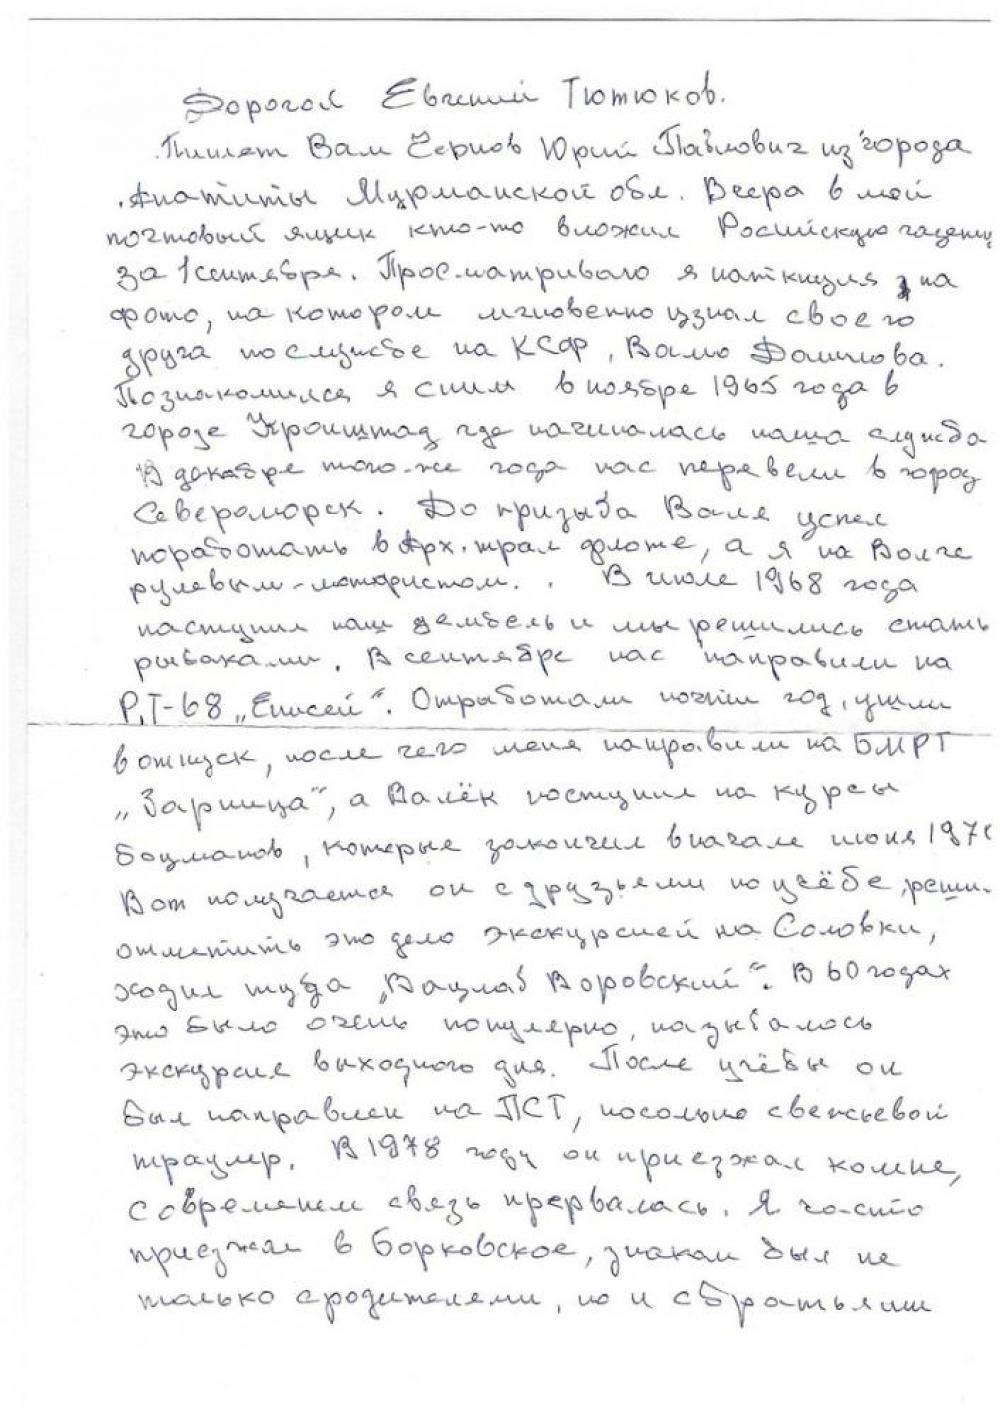 Автор фото: Е. Тютюков. Источник фото: из архива Соловецкого музея-заповедника.